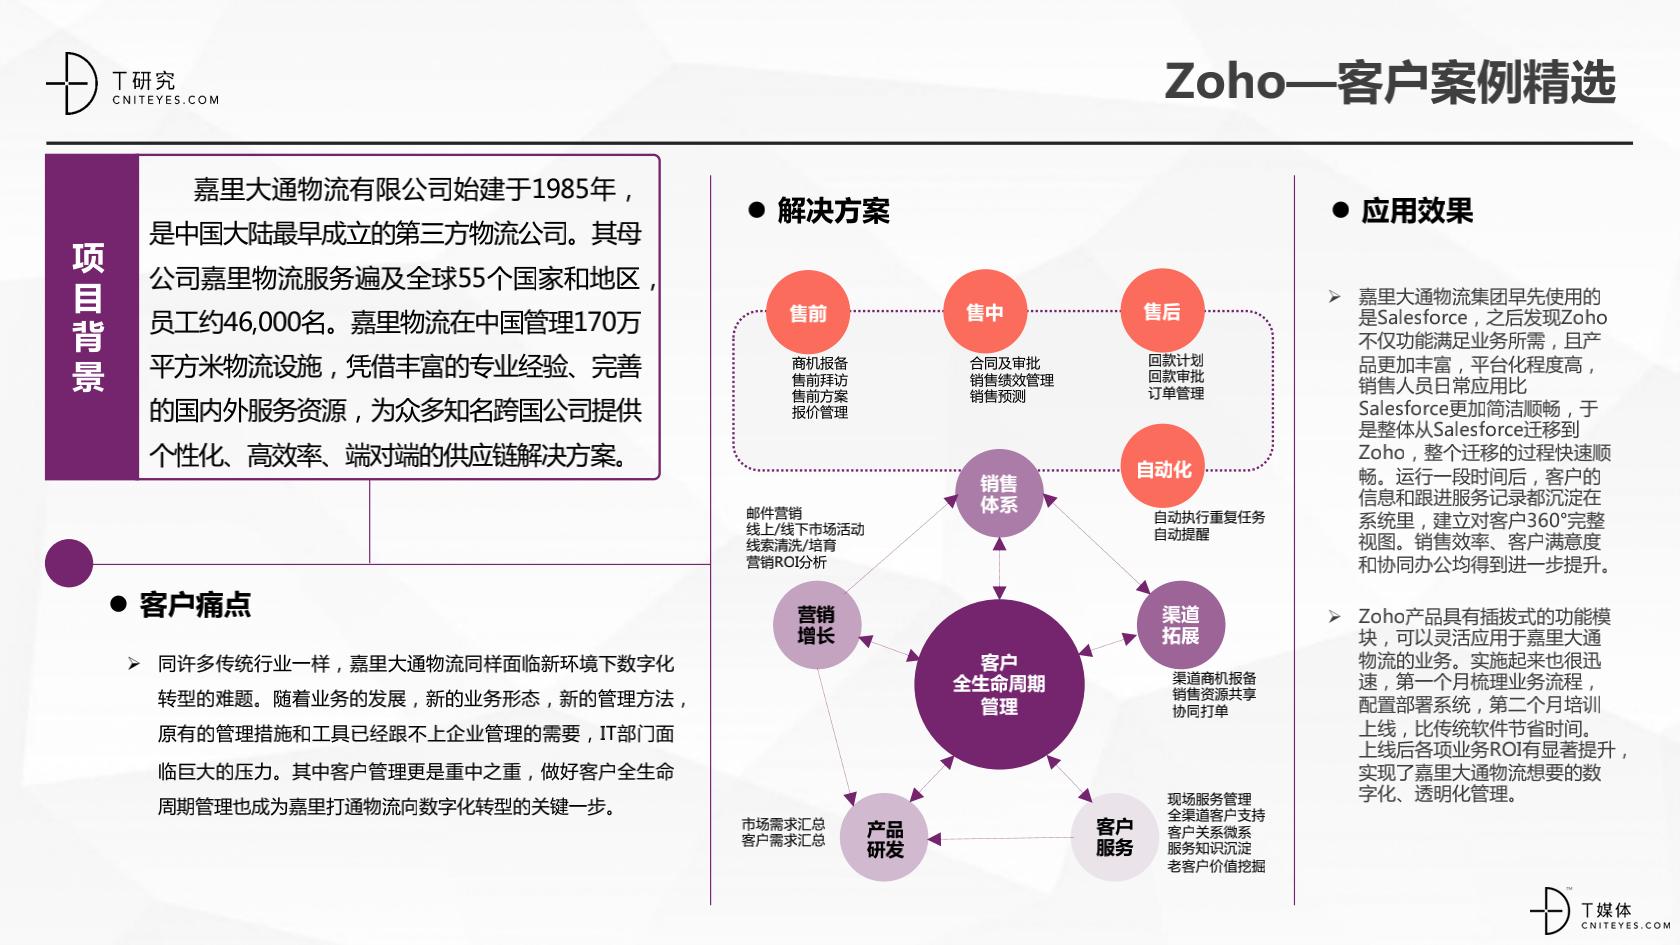 2_2020中国CRM指数测评报告v1.5_38.png